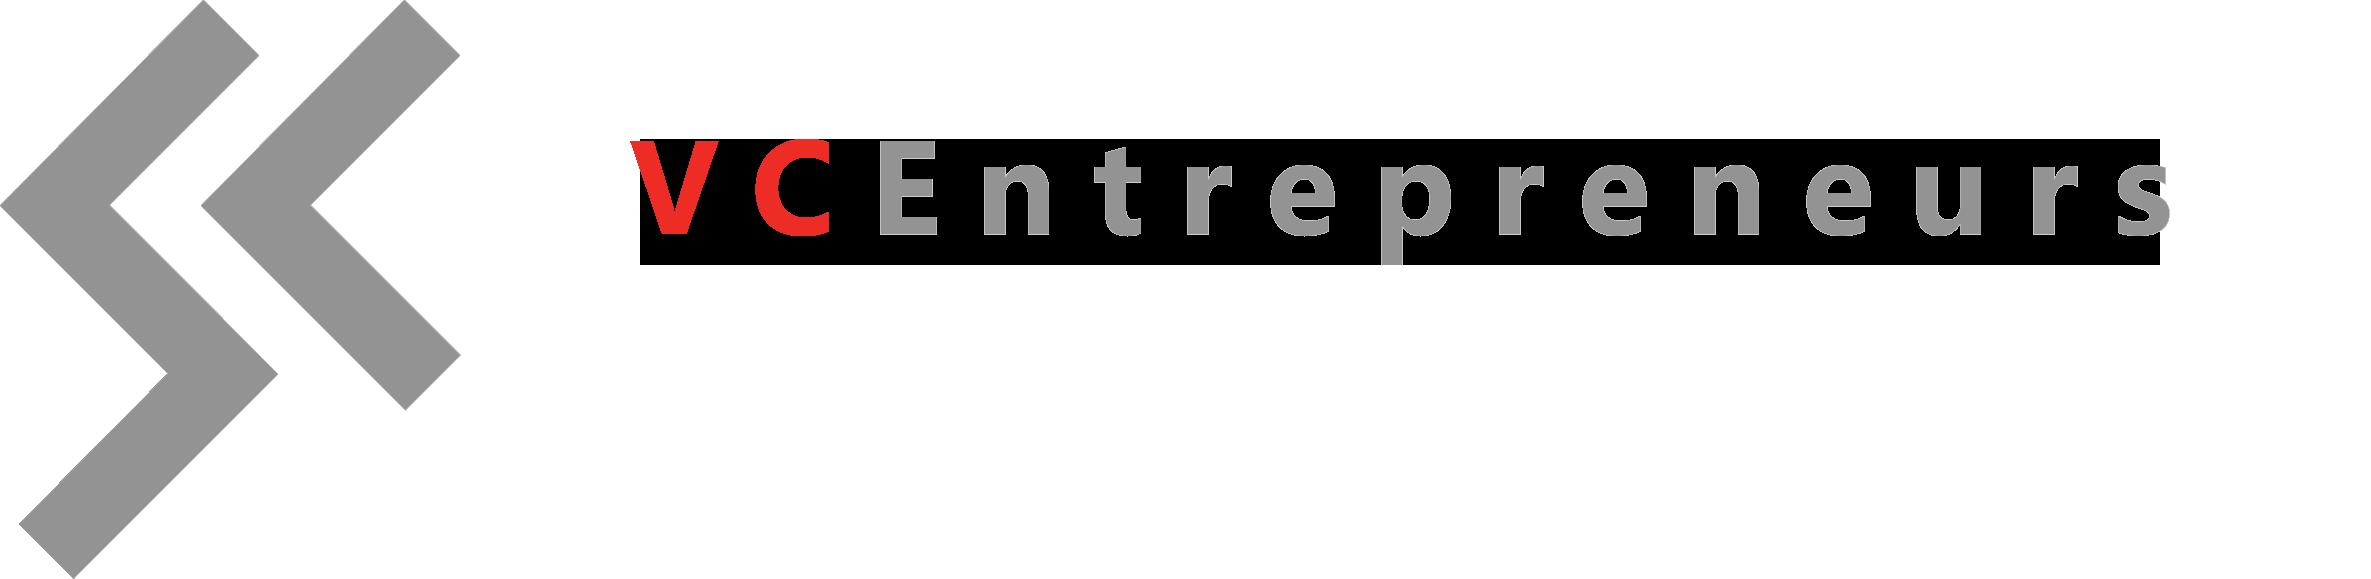 VCEntrepreneurs